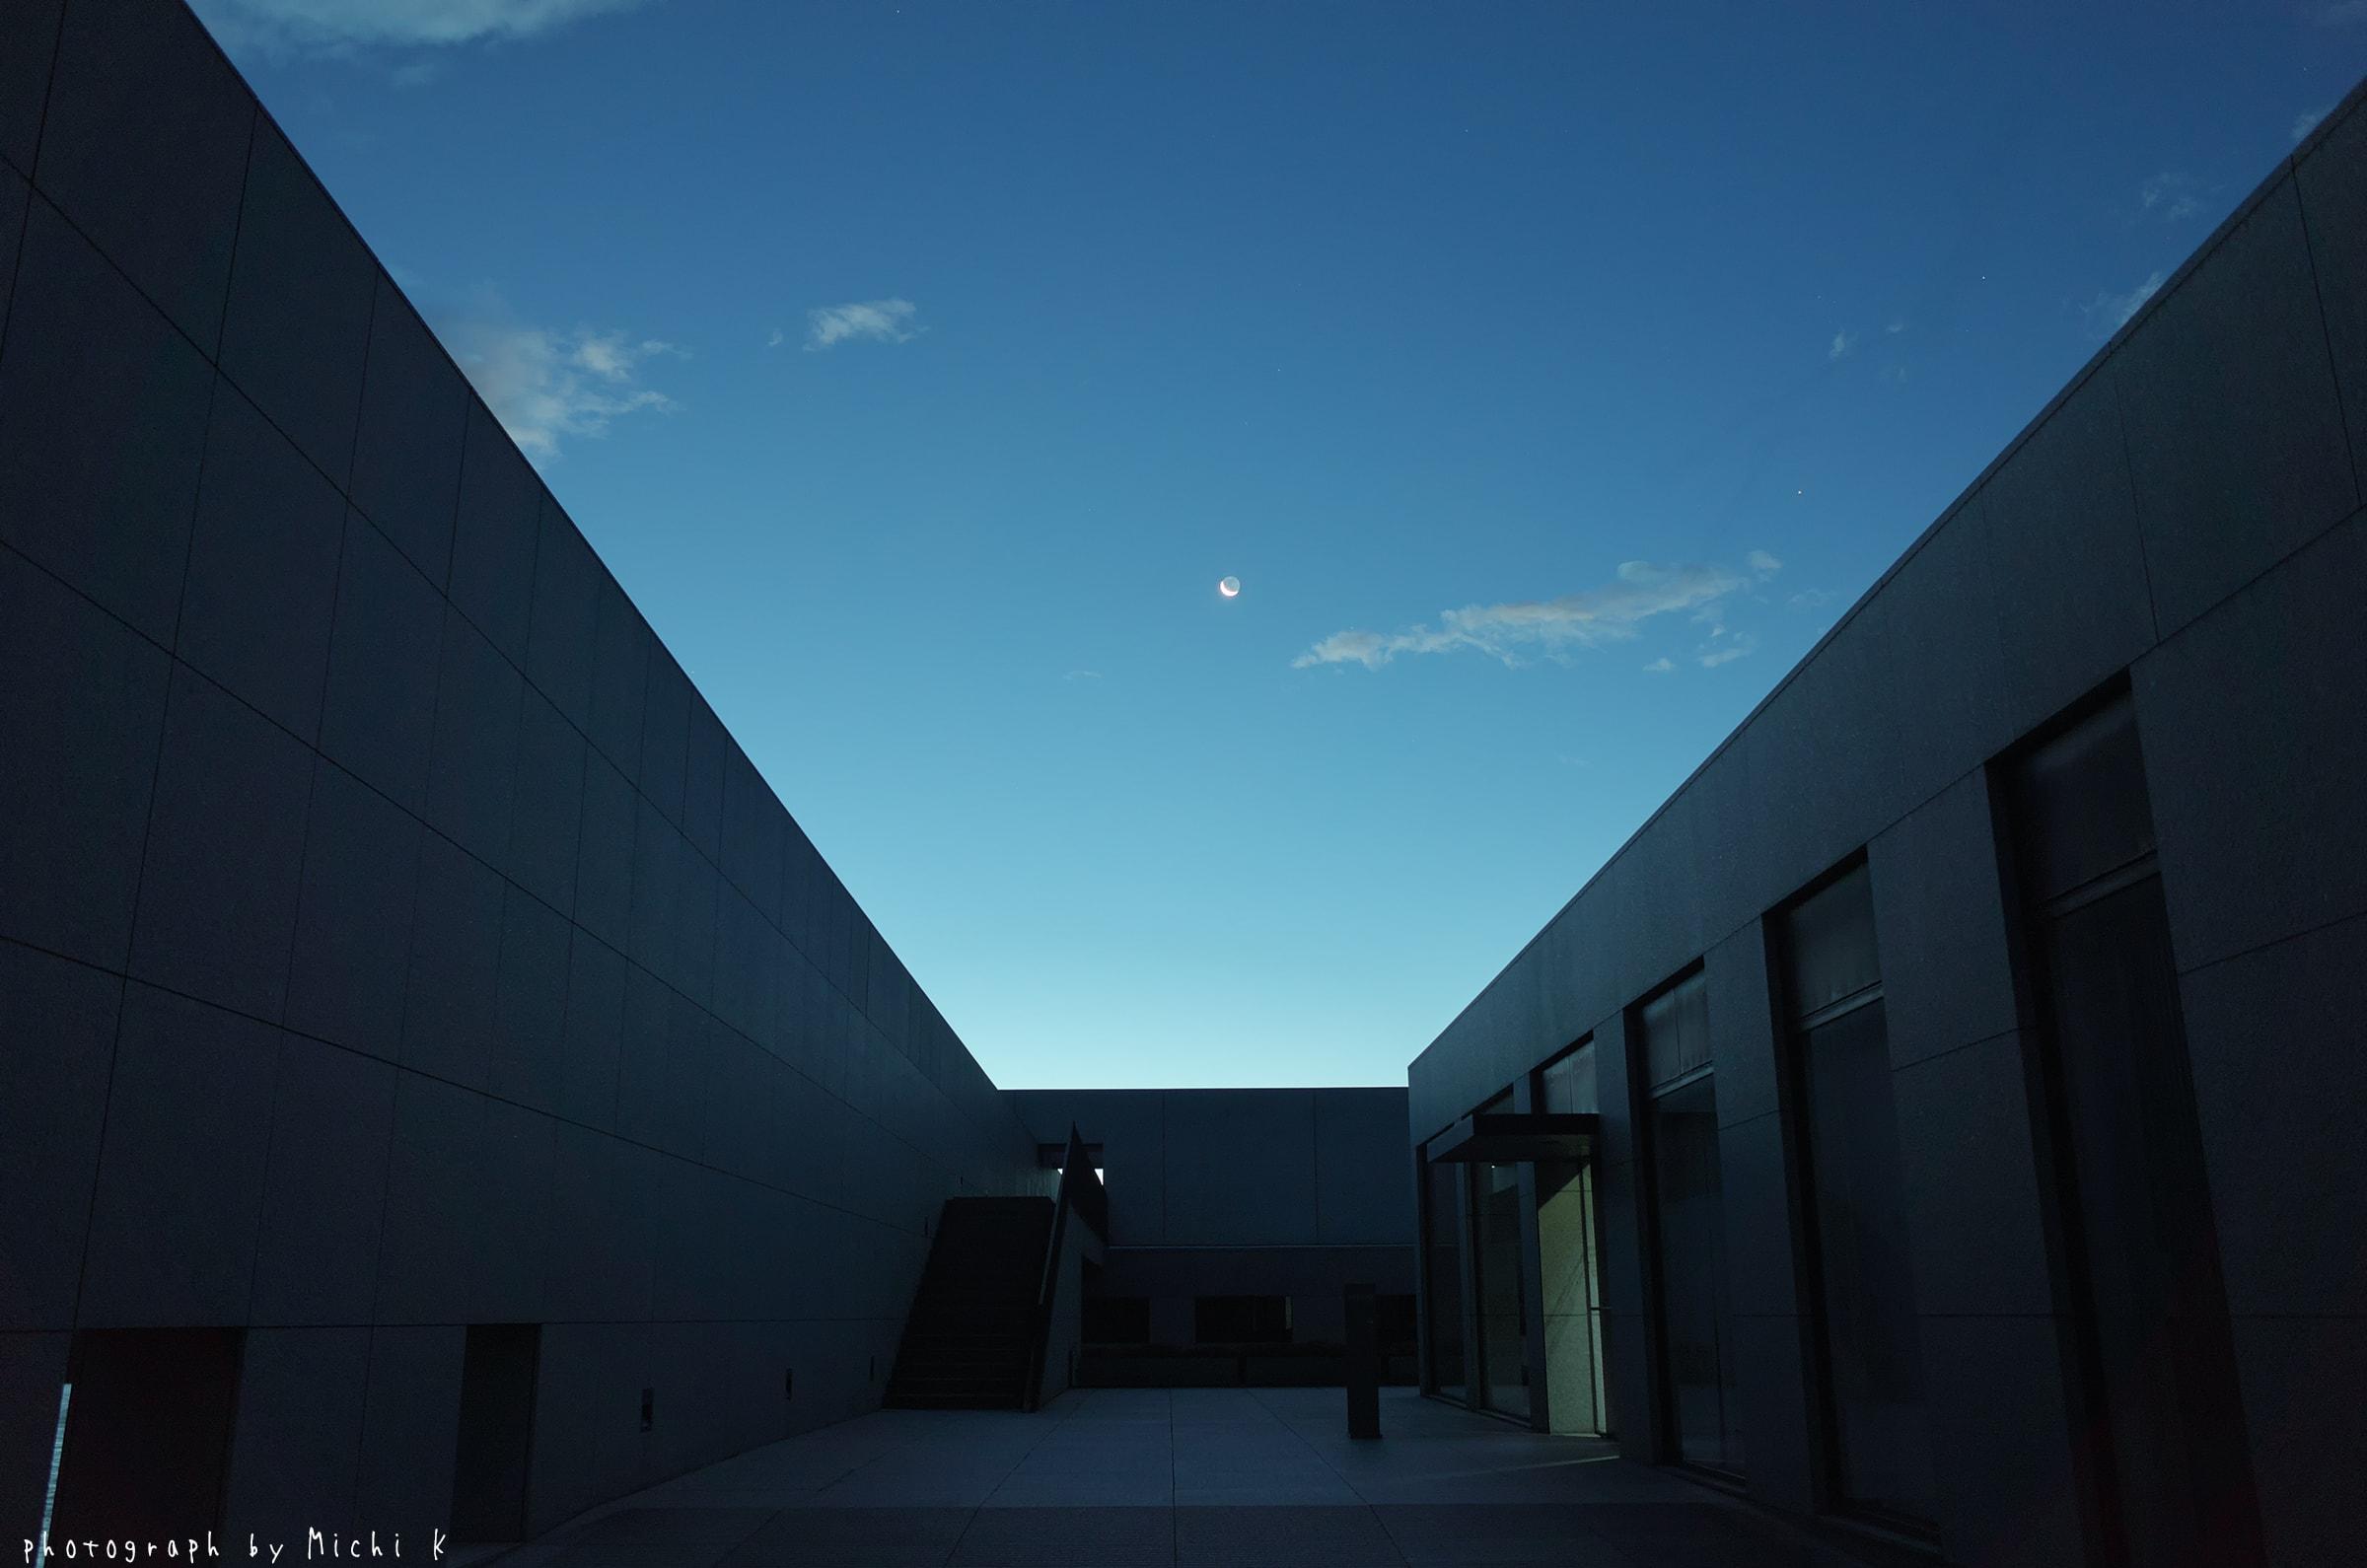 土門拳記念館2018-8-9夜明け前(写真その2)